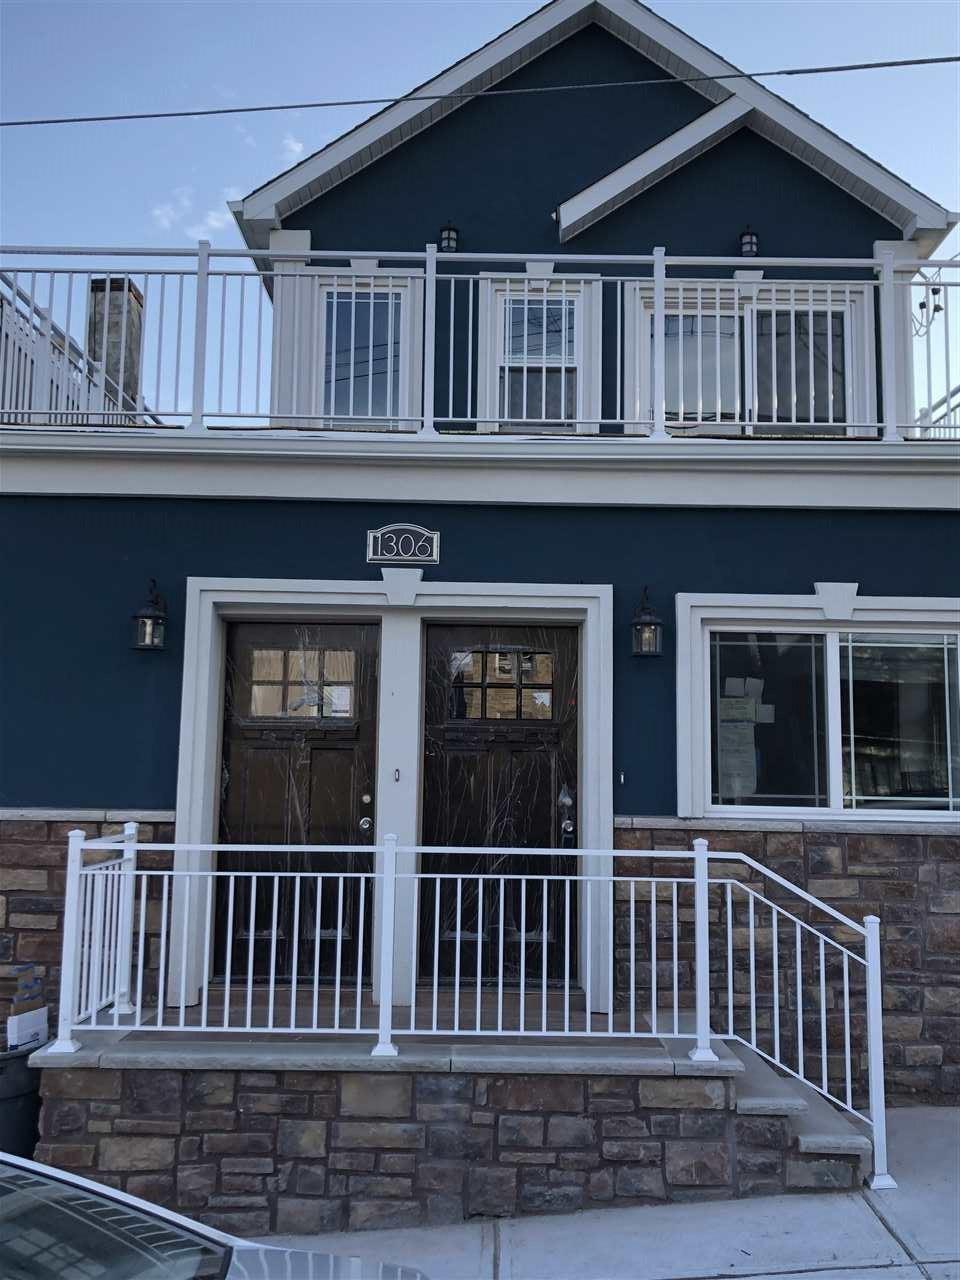 1306 43RD ST, North Bergen, NJ 07047-2702 - MLS#: 202011437